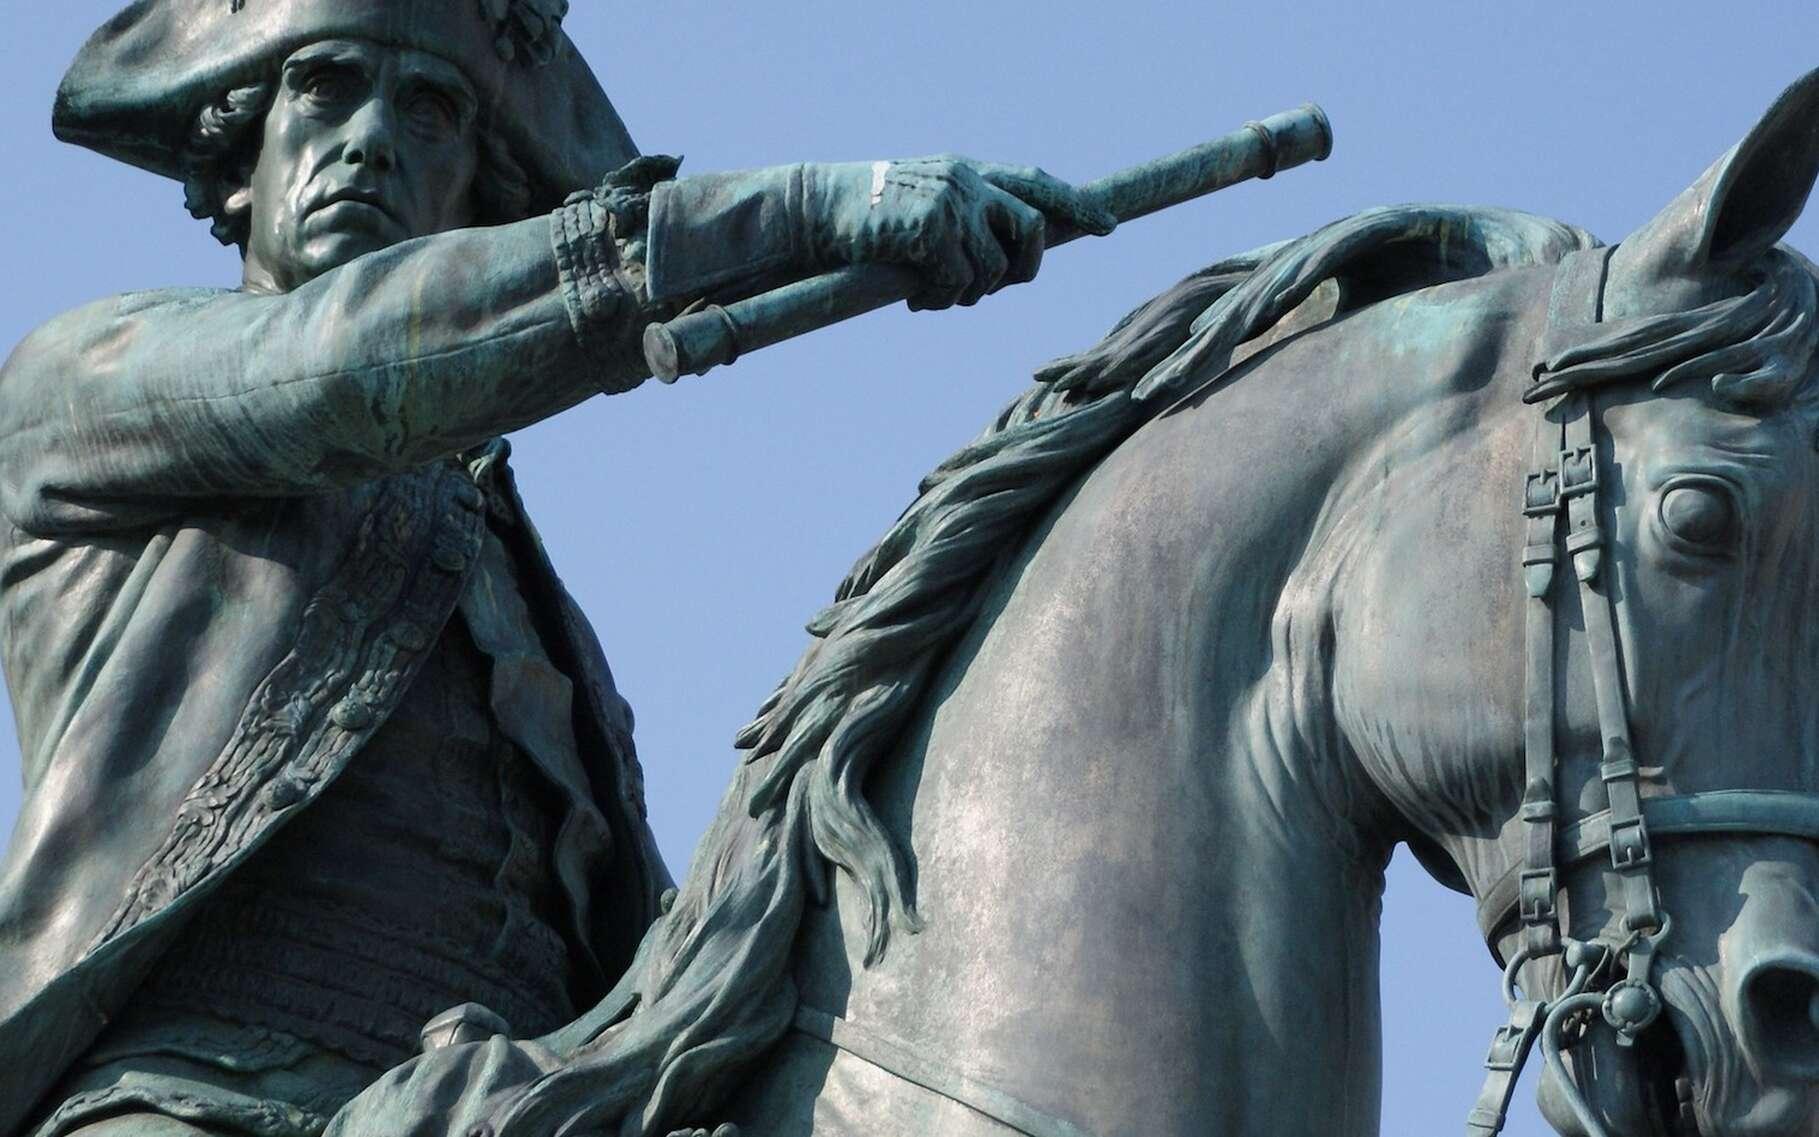 Depuis l'Antiquité et aujourd'hui encore, des sculpteurs utilisent le bronze comme matériau de base à leurs œuvres d'art. © einszweifrei, Pixabay, CC0 Public Domain